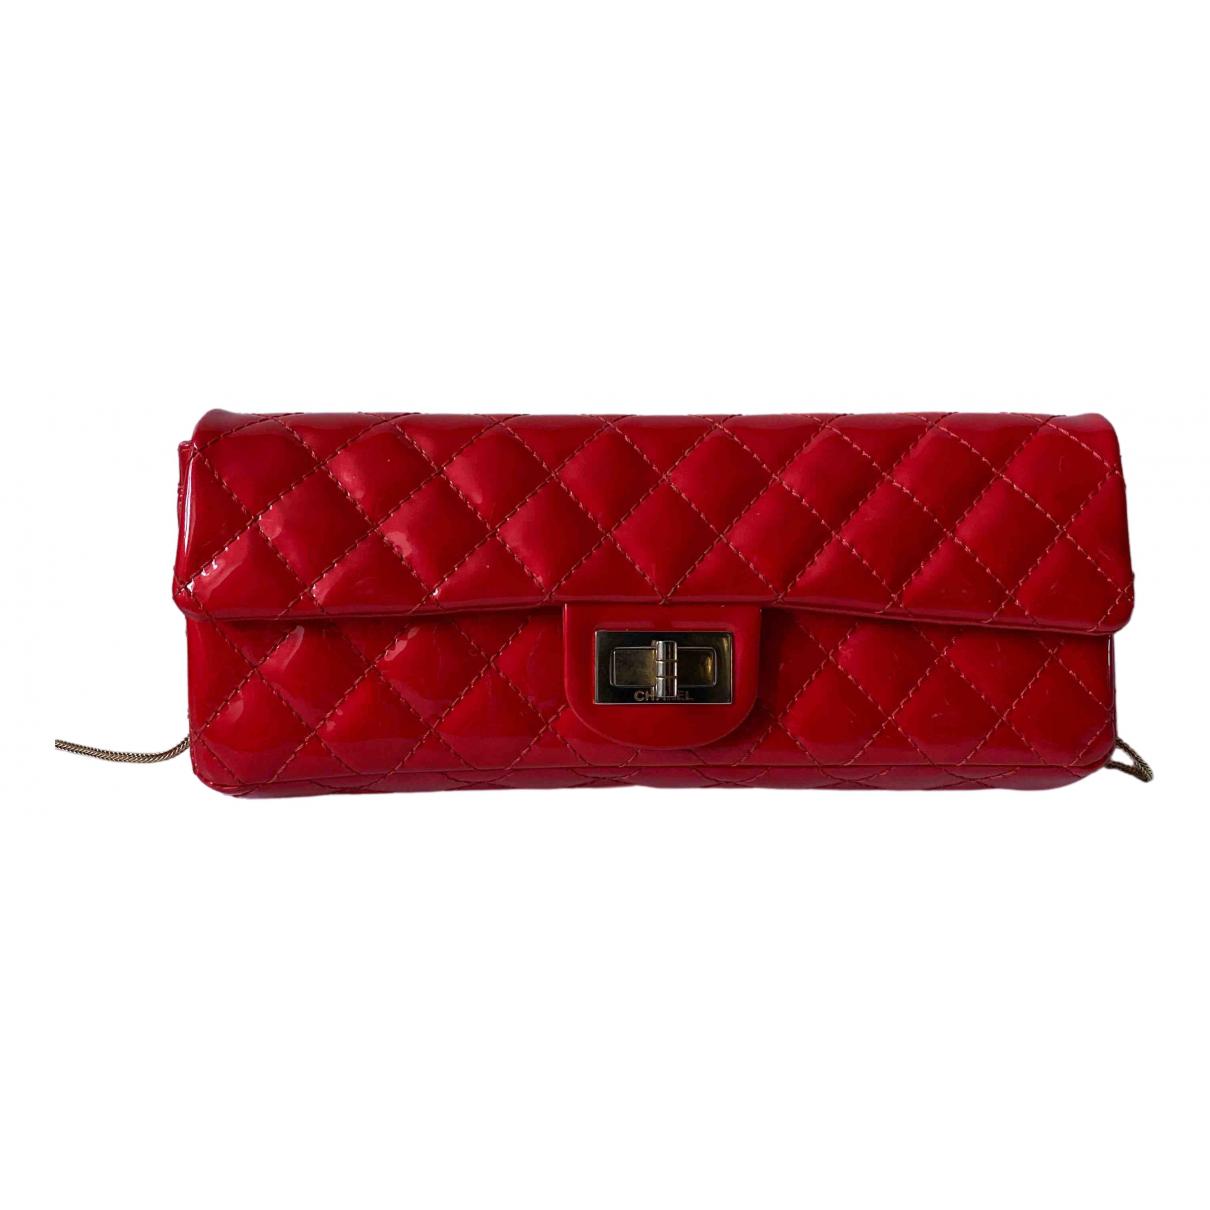 Chanel - Sac a main   pour femme en cuir verni - rouge